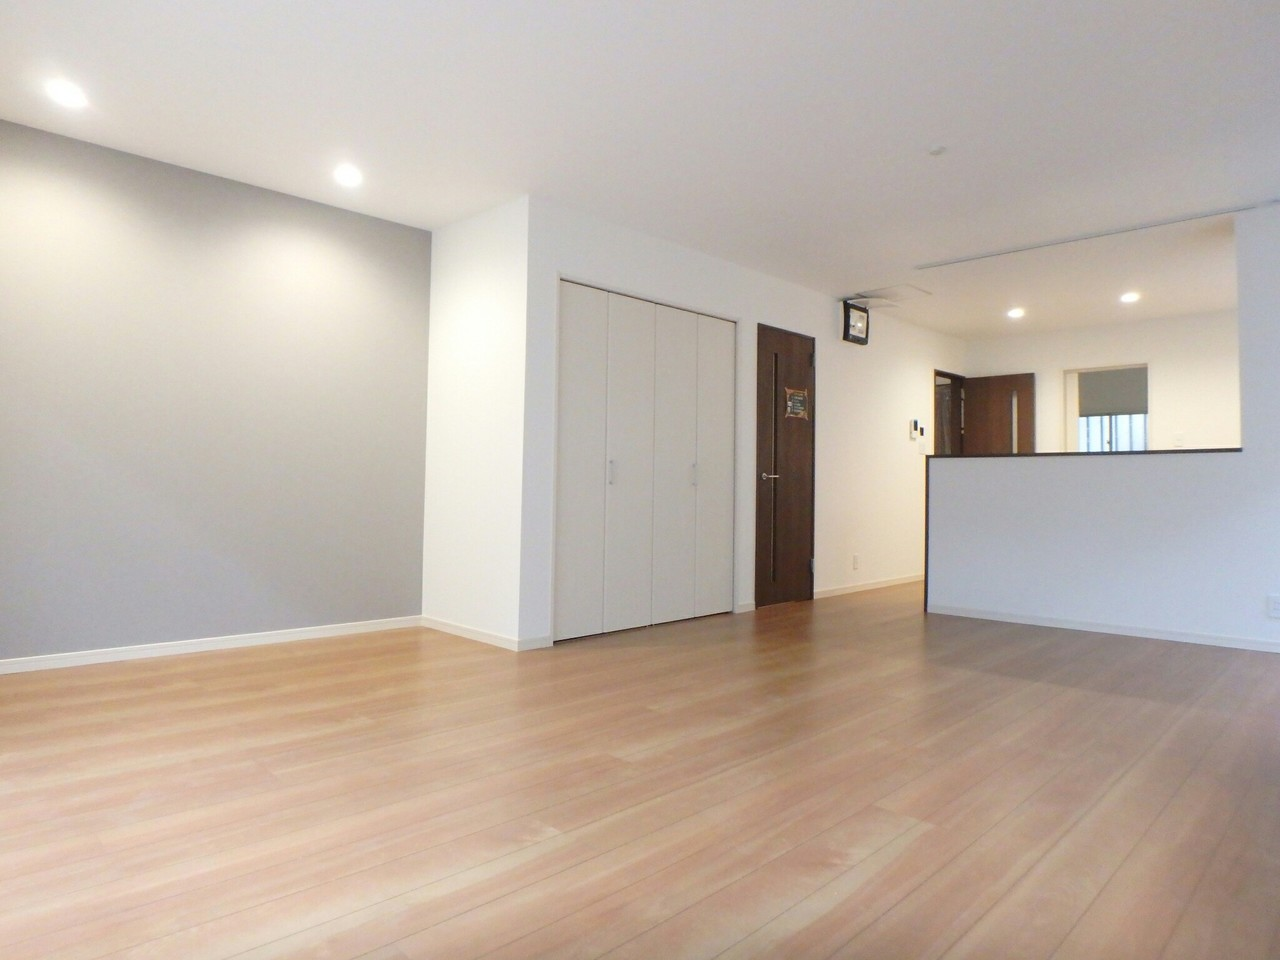 1階の和室二間を解体中。 どのようなリビングになるか楽しみです。